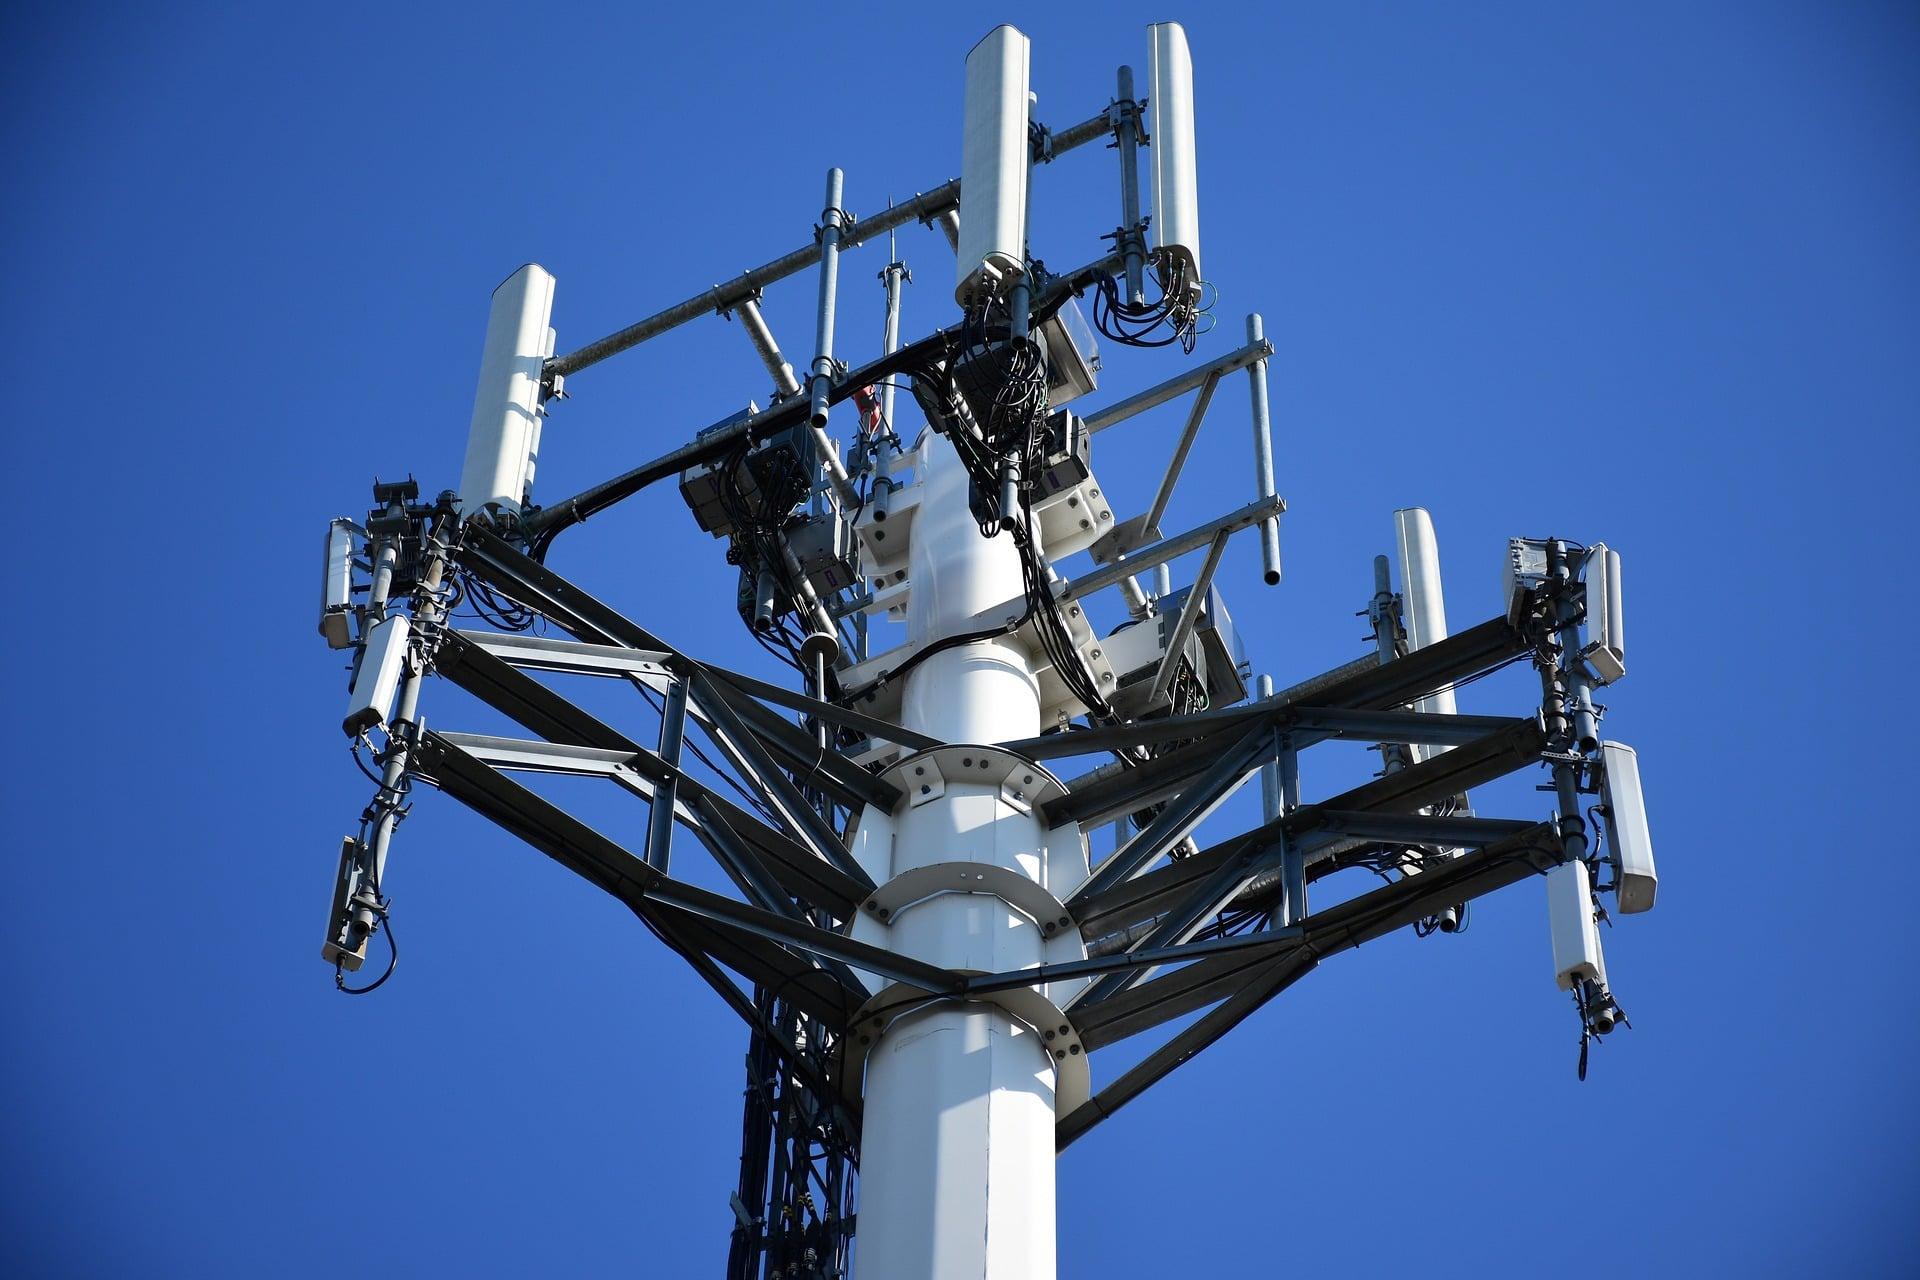 Wdrożenie 5G w Polsce może się opóźnić